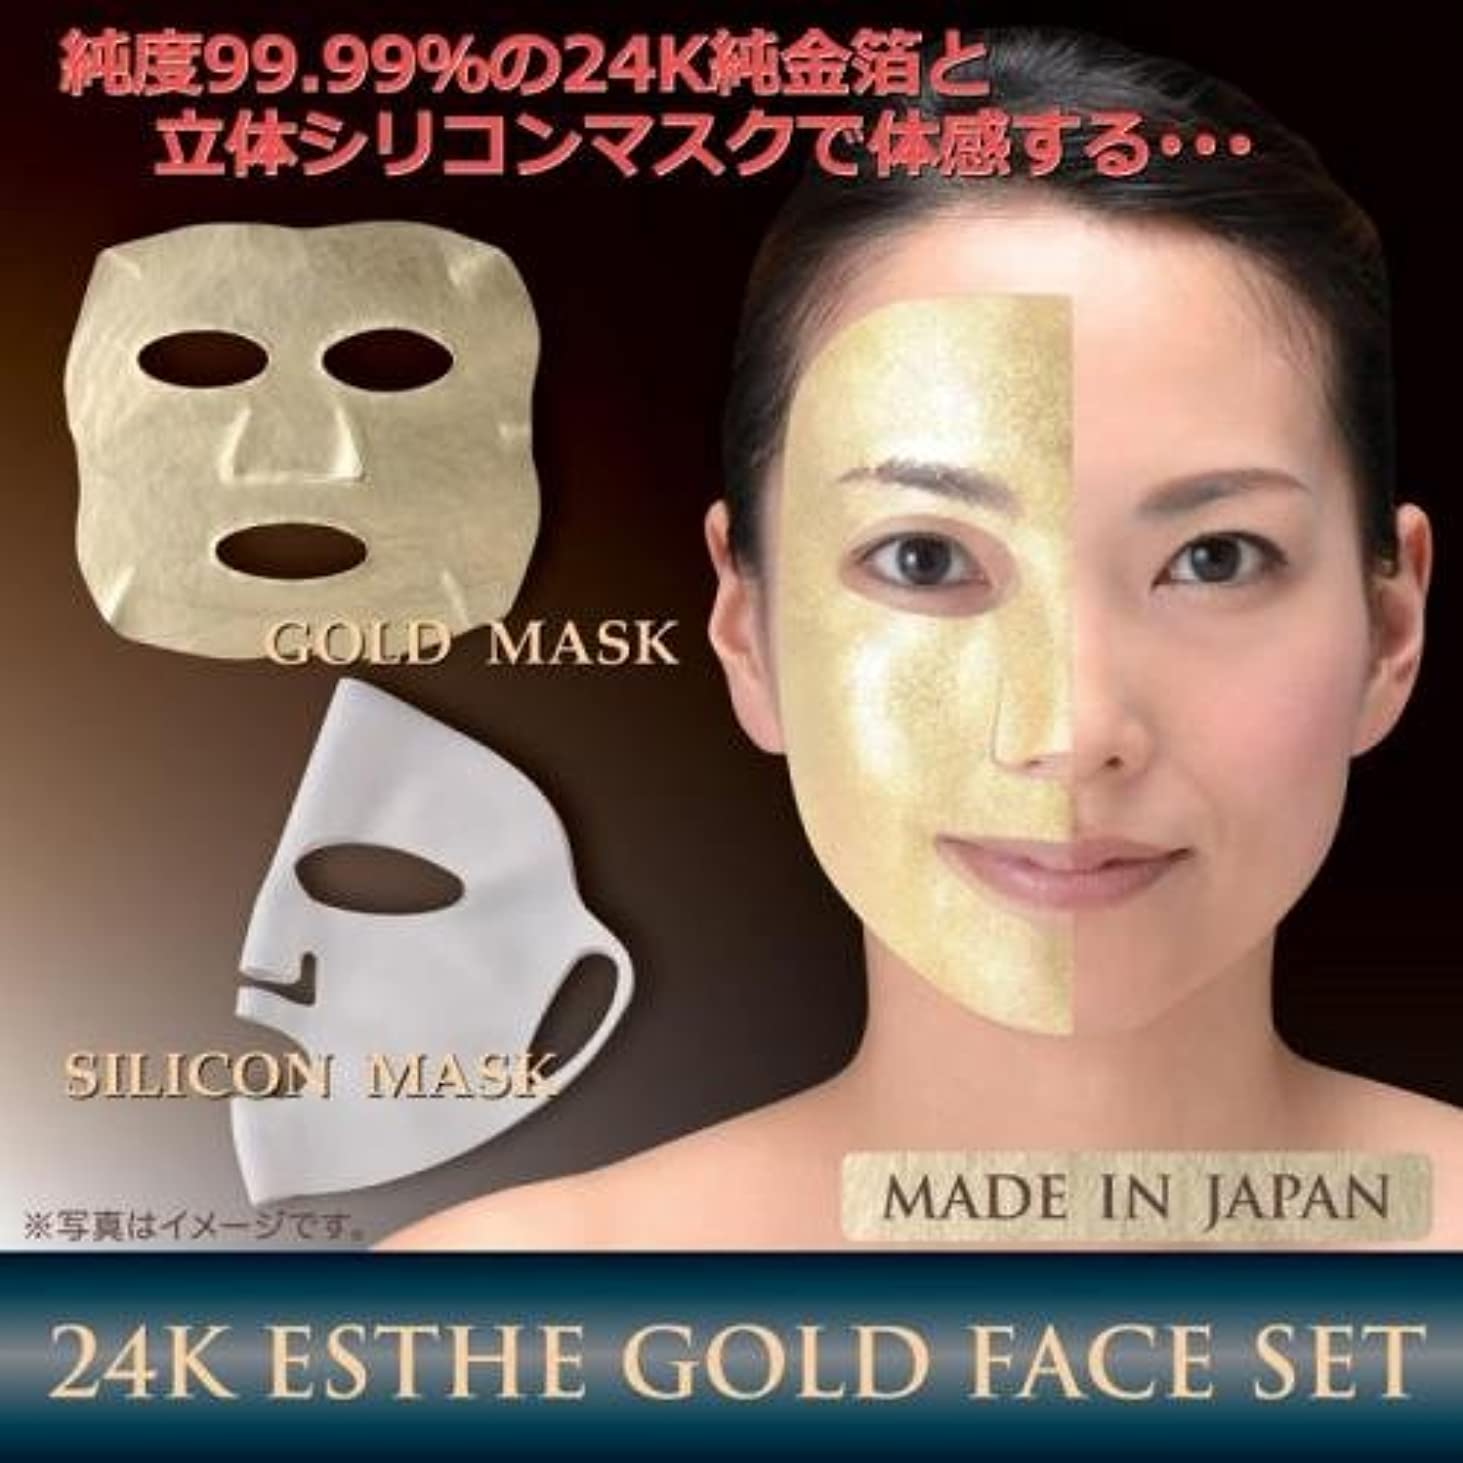 バッグ解く国籍後藤 24K エステゴールドフェイス セット 金箔マスク×1、シリコンマスク×1